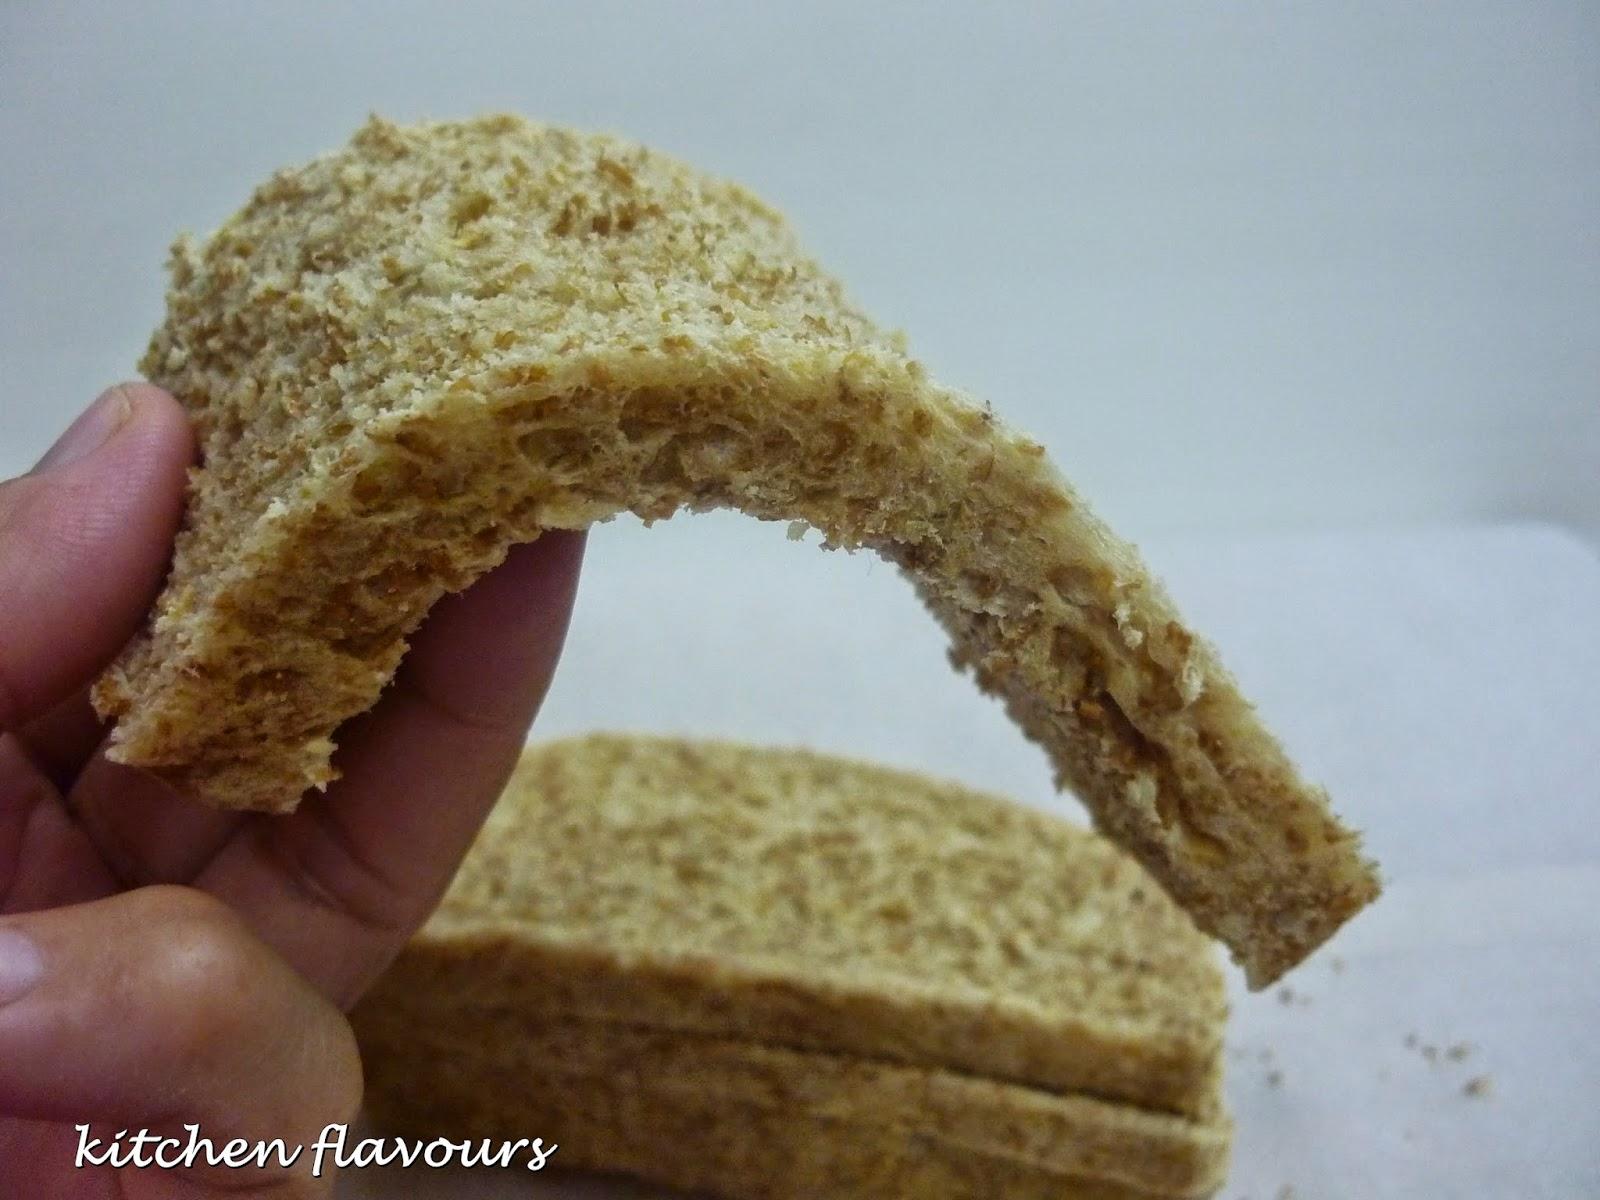 kitchen flavours: Part Whole Wheat Sandwich Bread